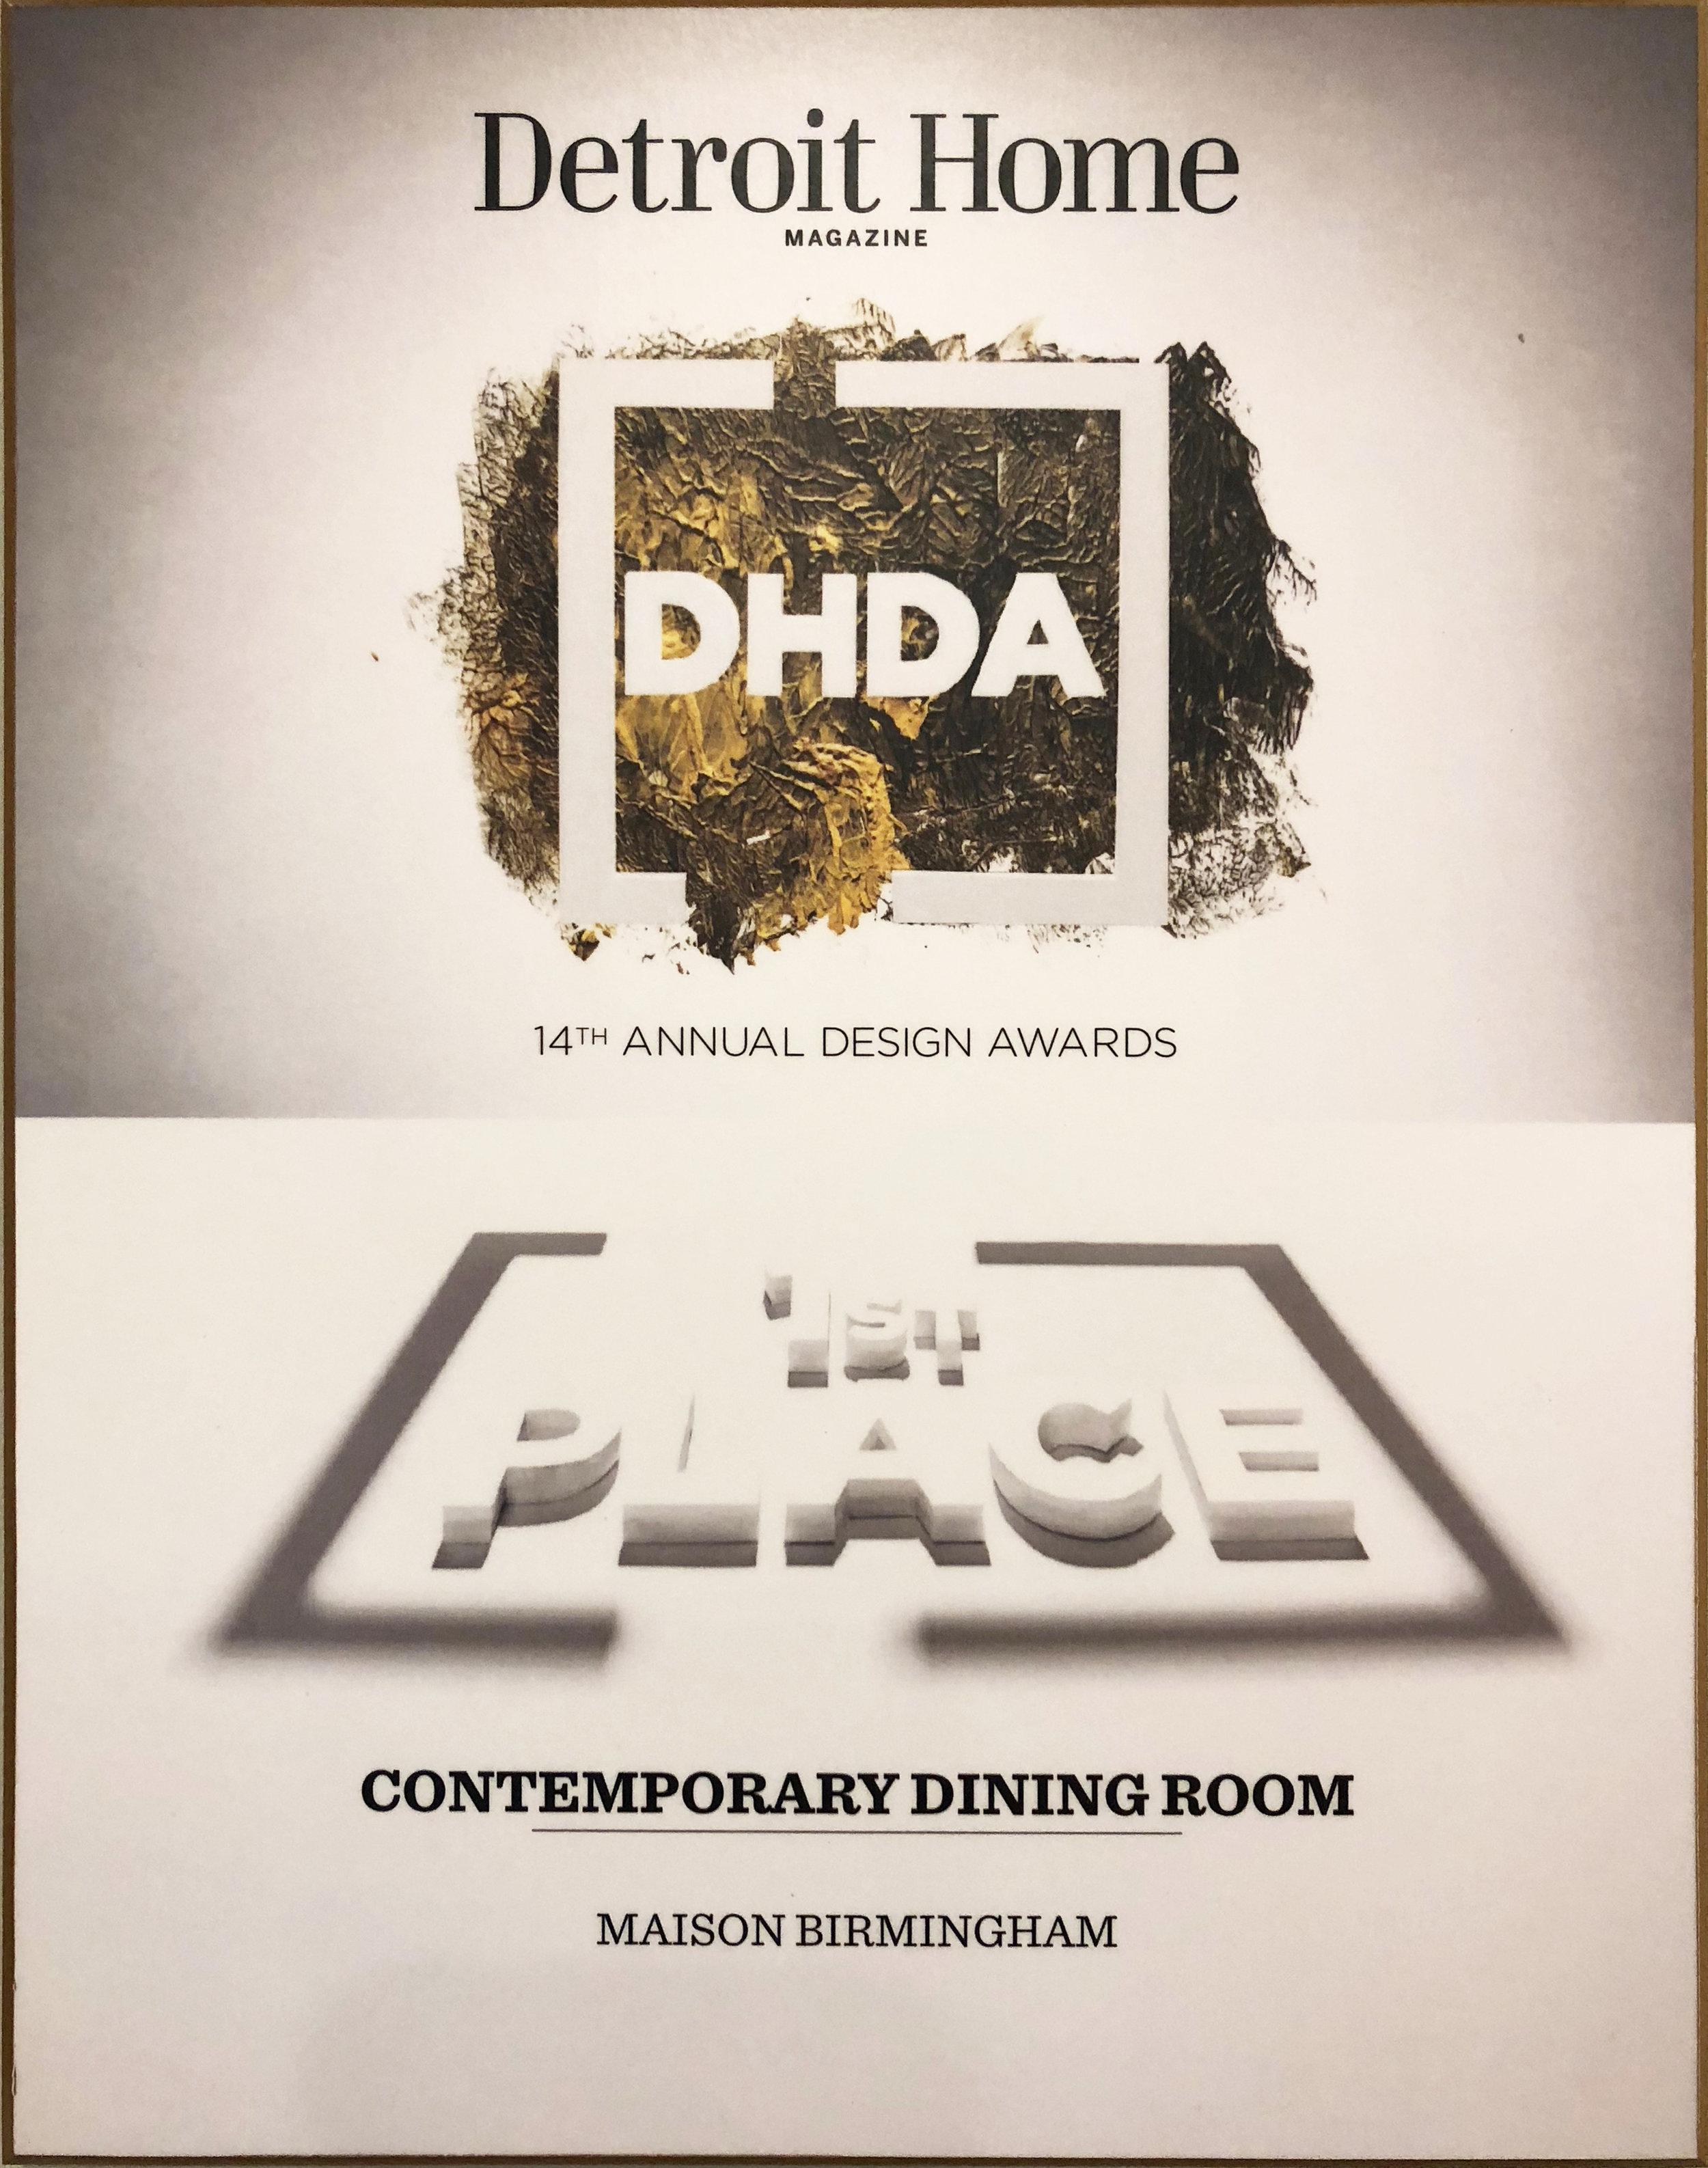 contemporary dining room.jpg